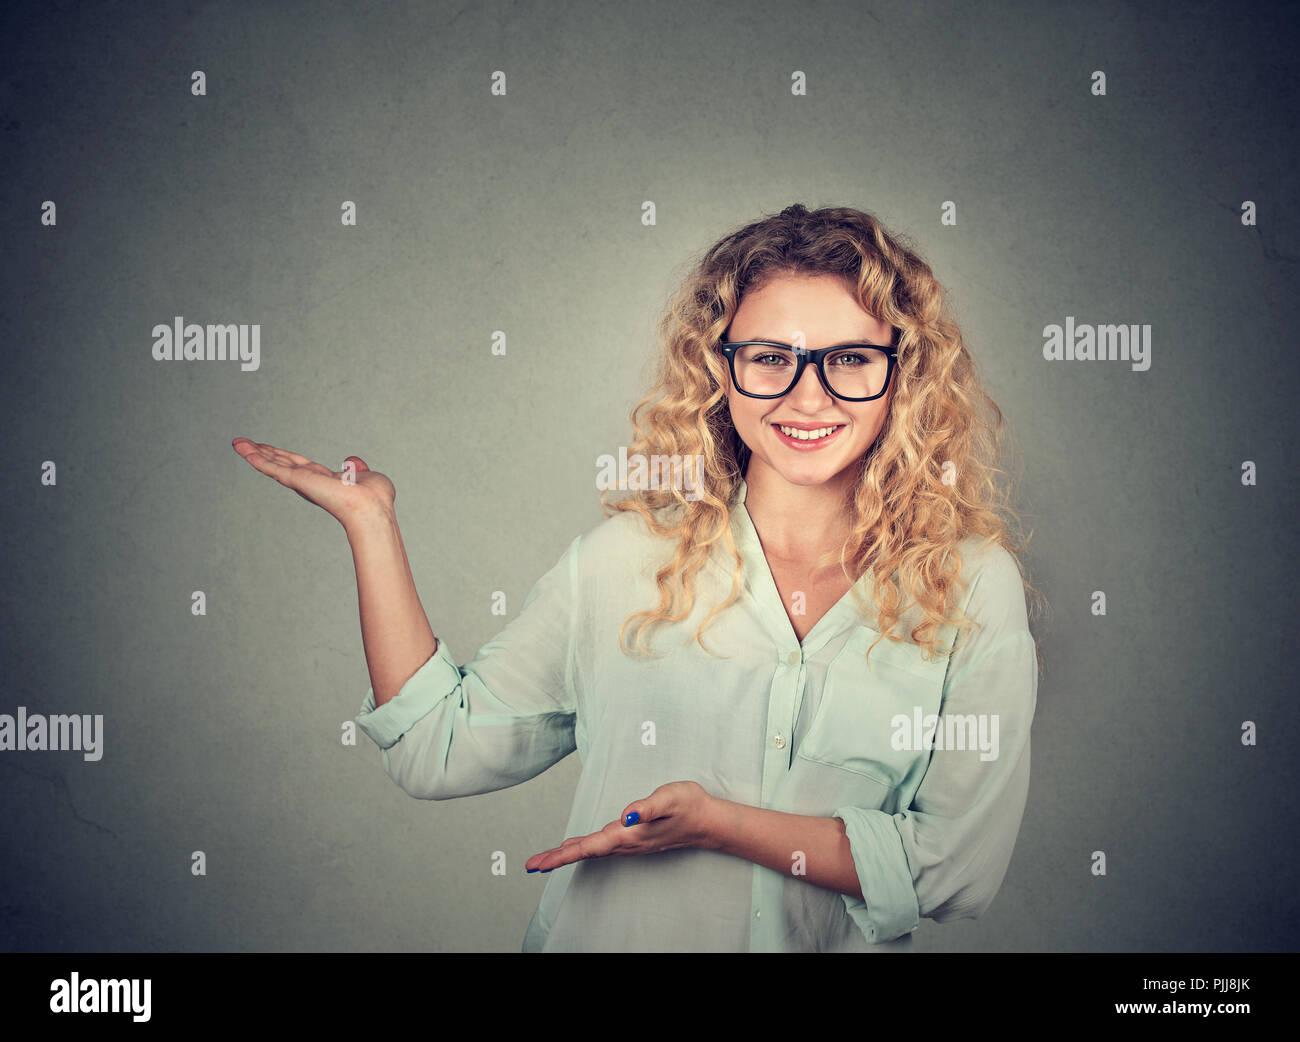 Junge Frau in Brillen zeigen und die Präsentation auf grauem Hintergrund Stockbild